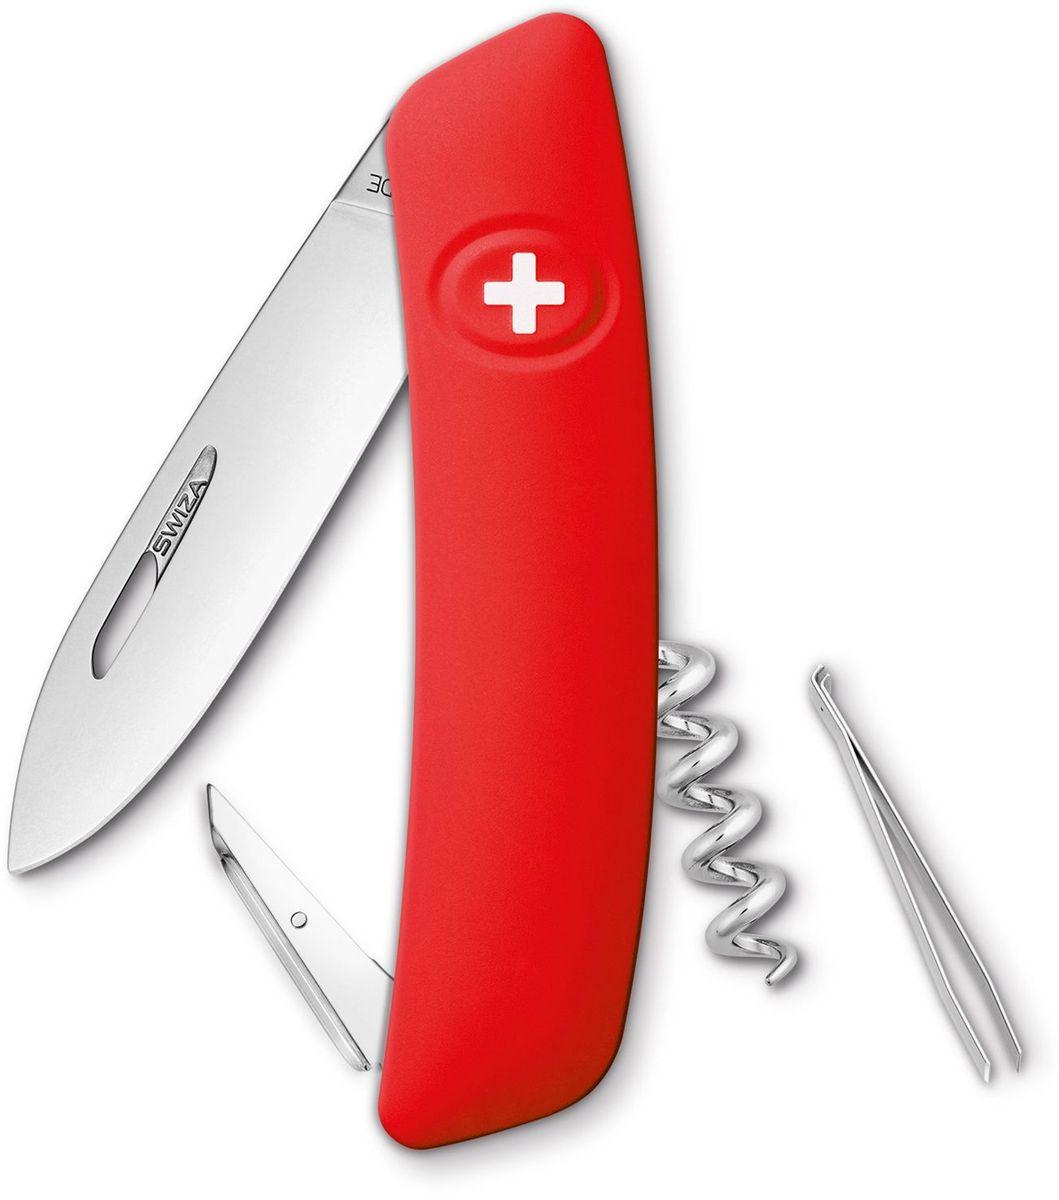 Нож швейцарский SWIZA D01, цвет: красный, длина клинка 7,5 см